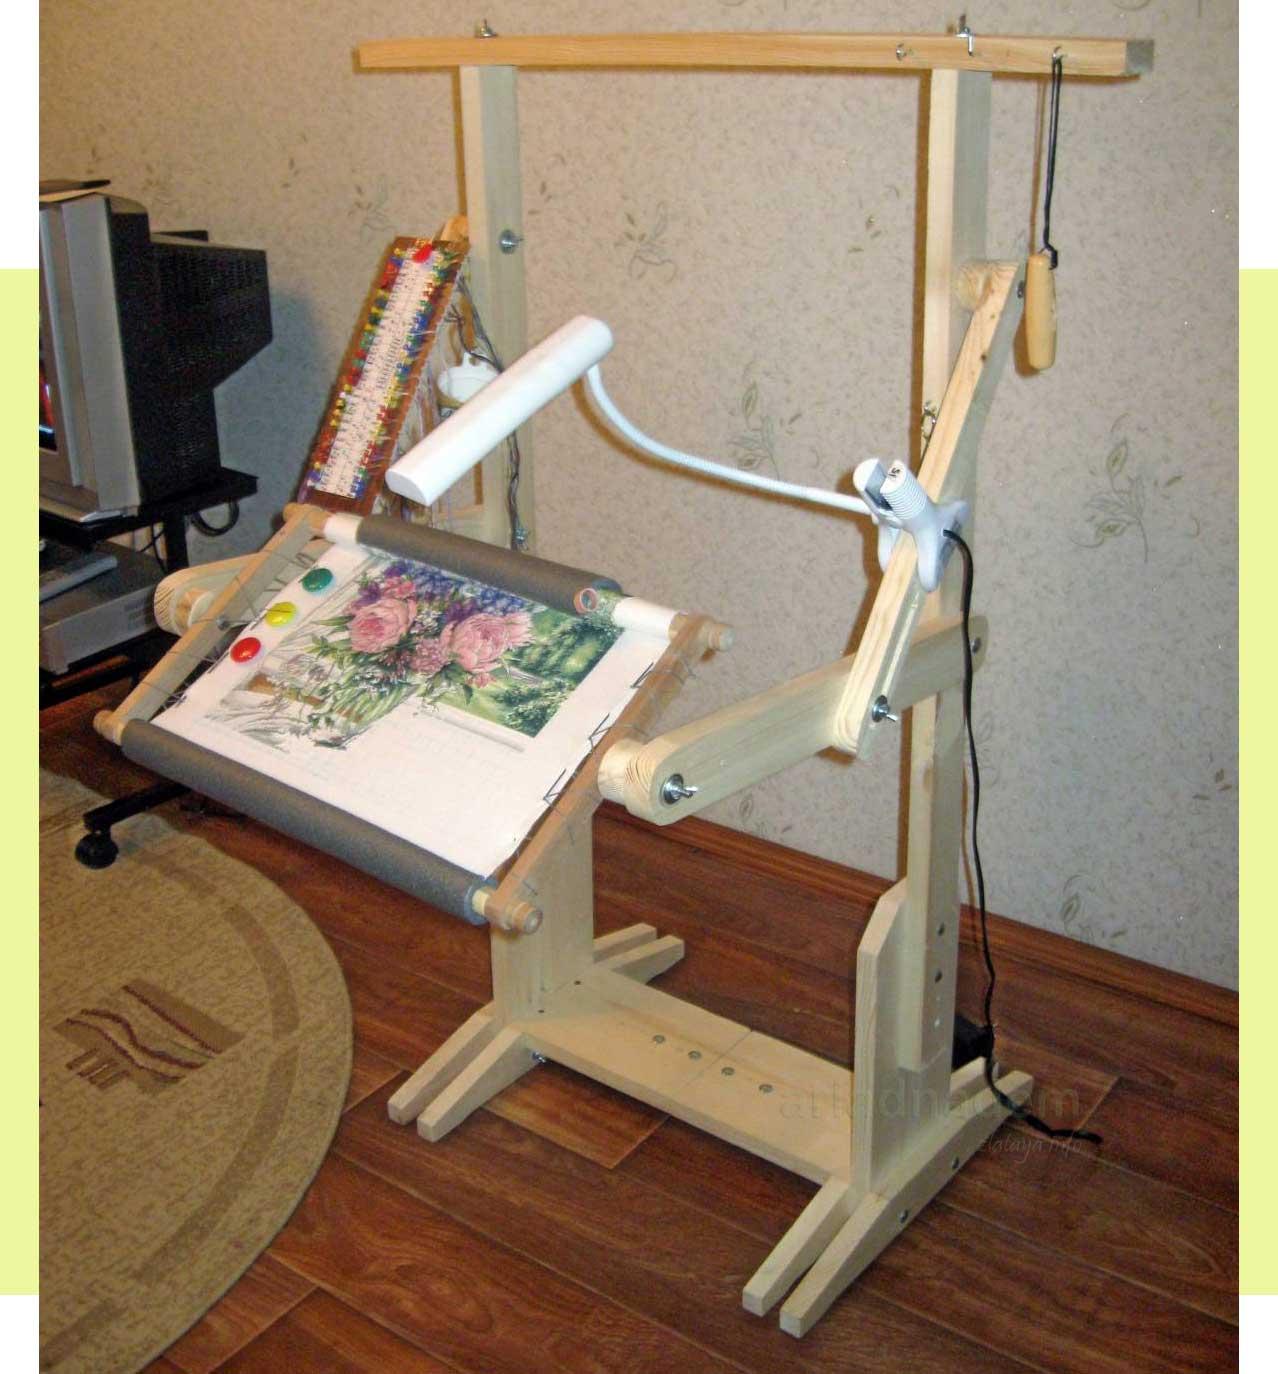 Станок для вышивки своими руками с чертежами